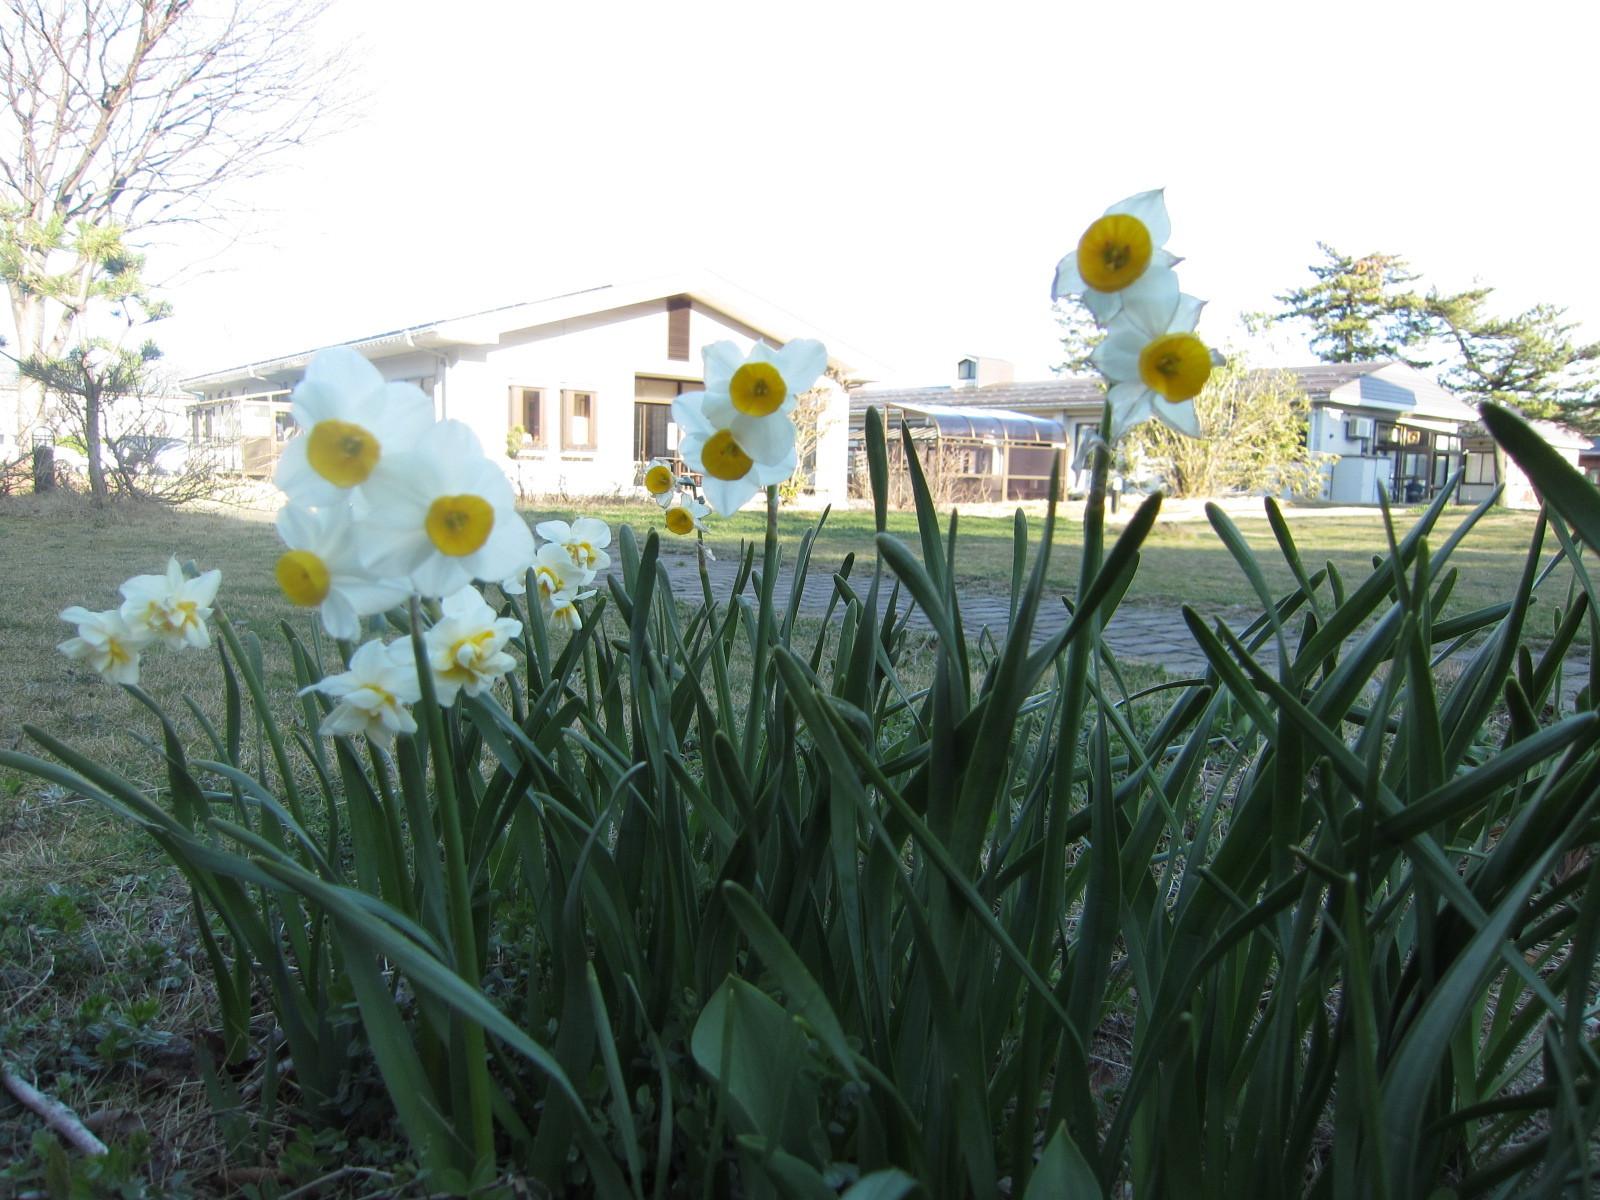 春風にそよぐ「水仙」たちに、心が「ワクワク!」